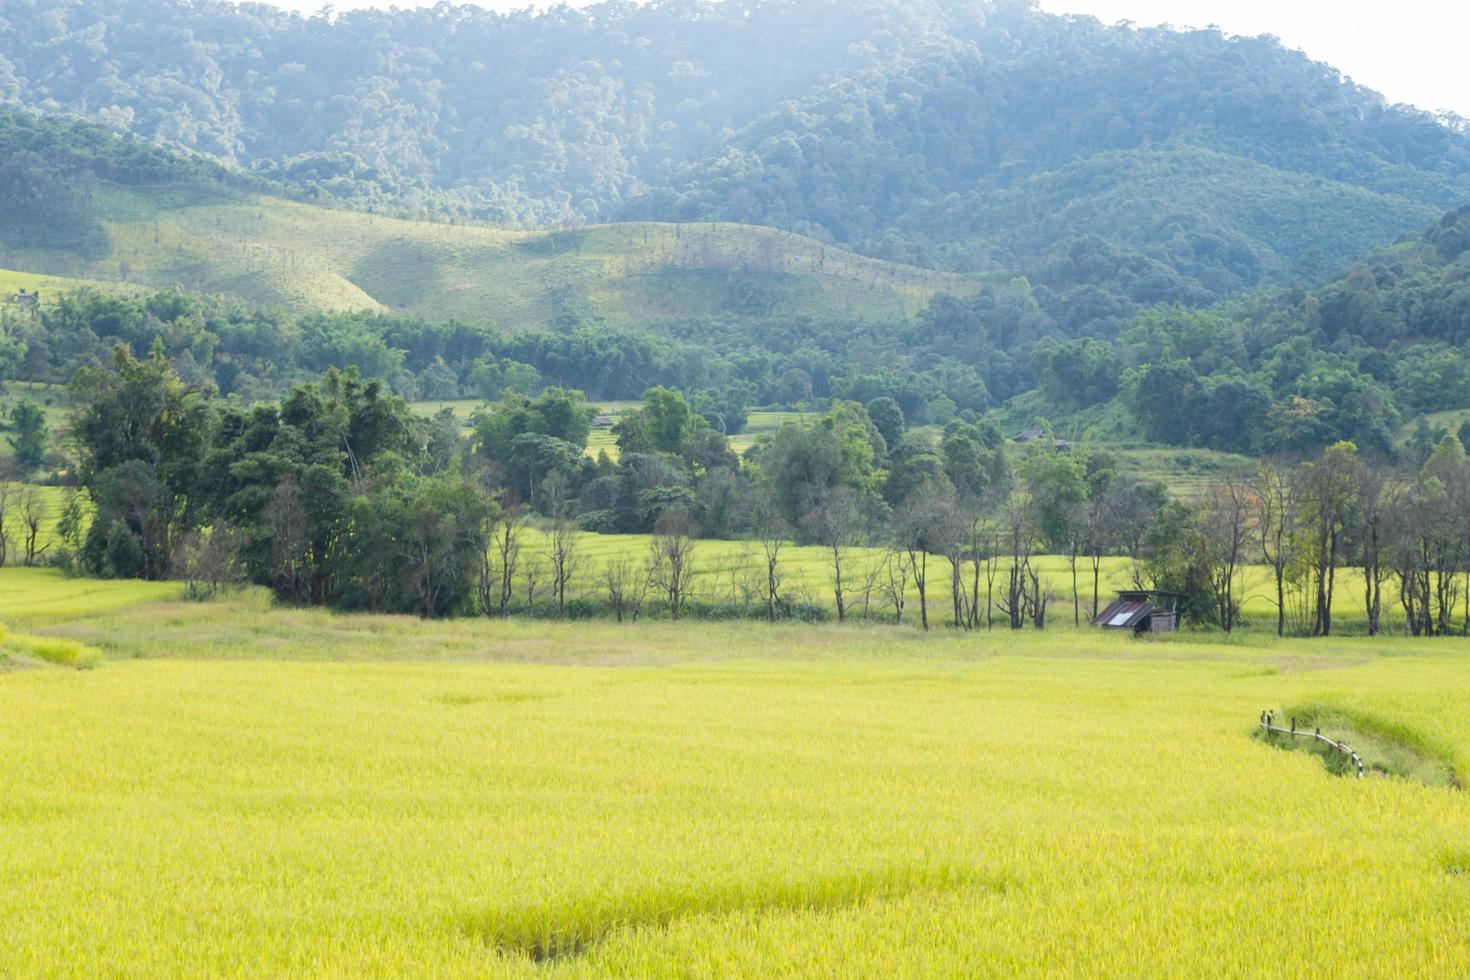 rijstboerderij op de berg in thailand foto